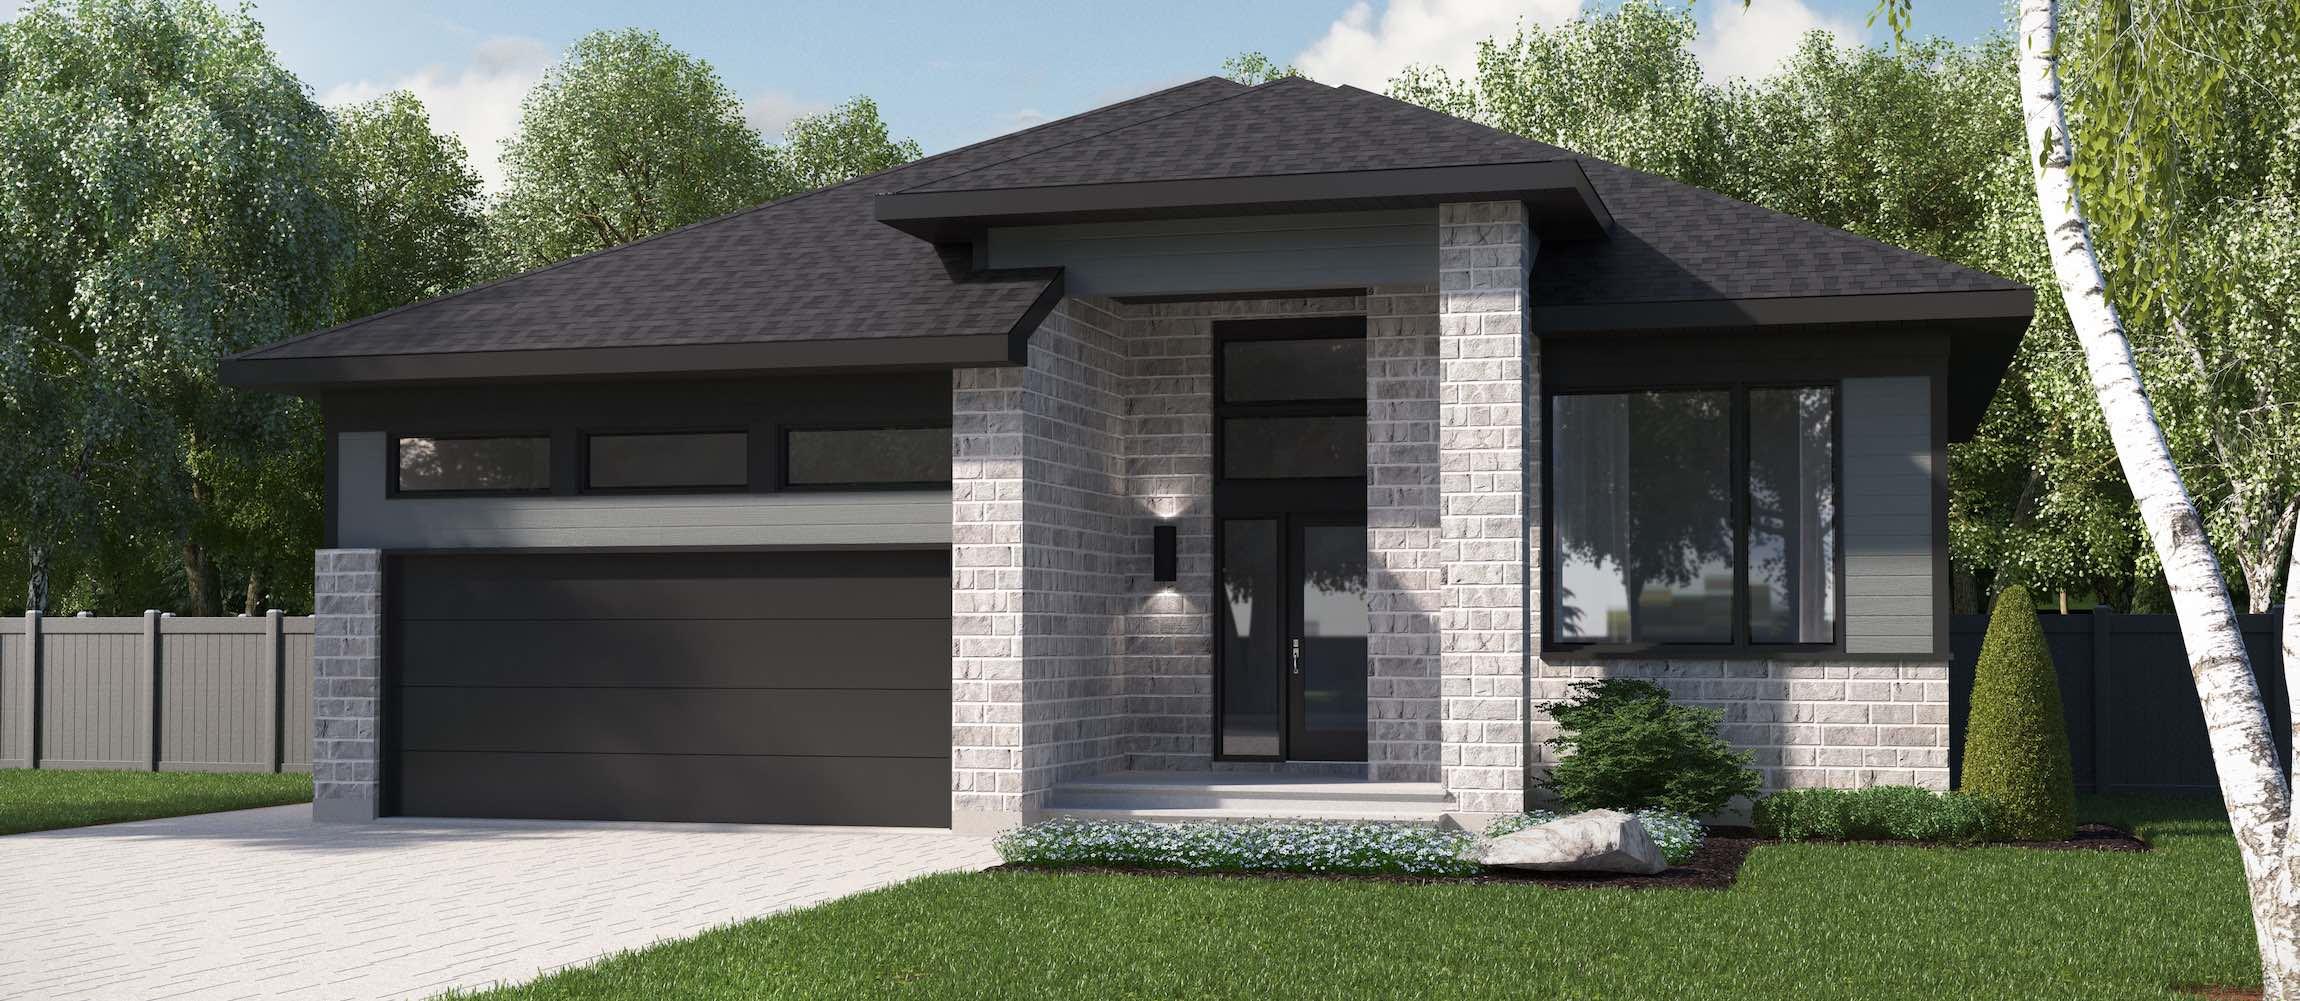 Cout construction maison retaise for Cout annexe construction maison